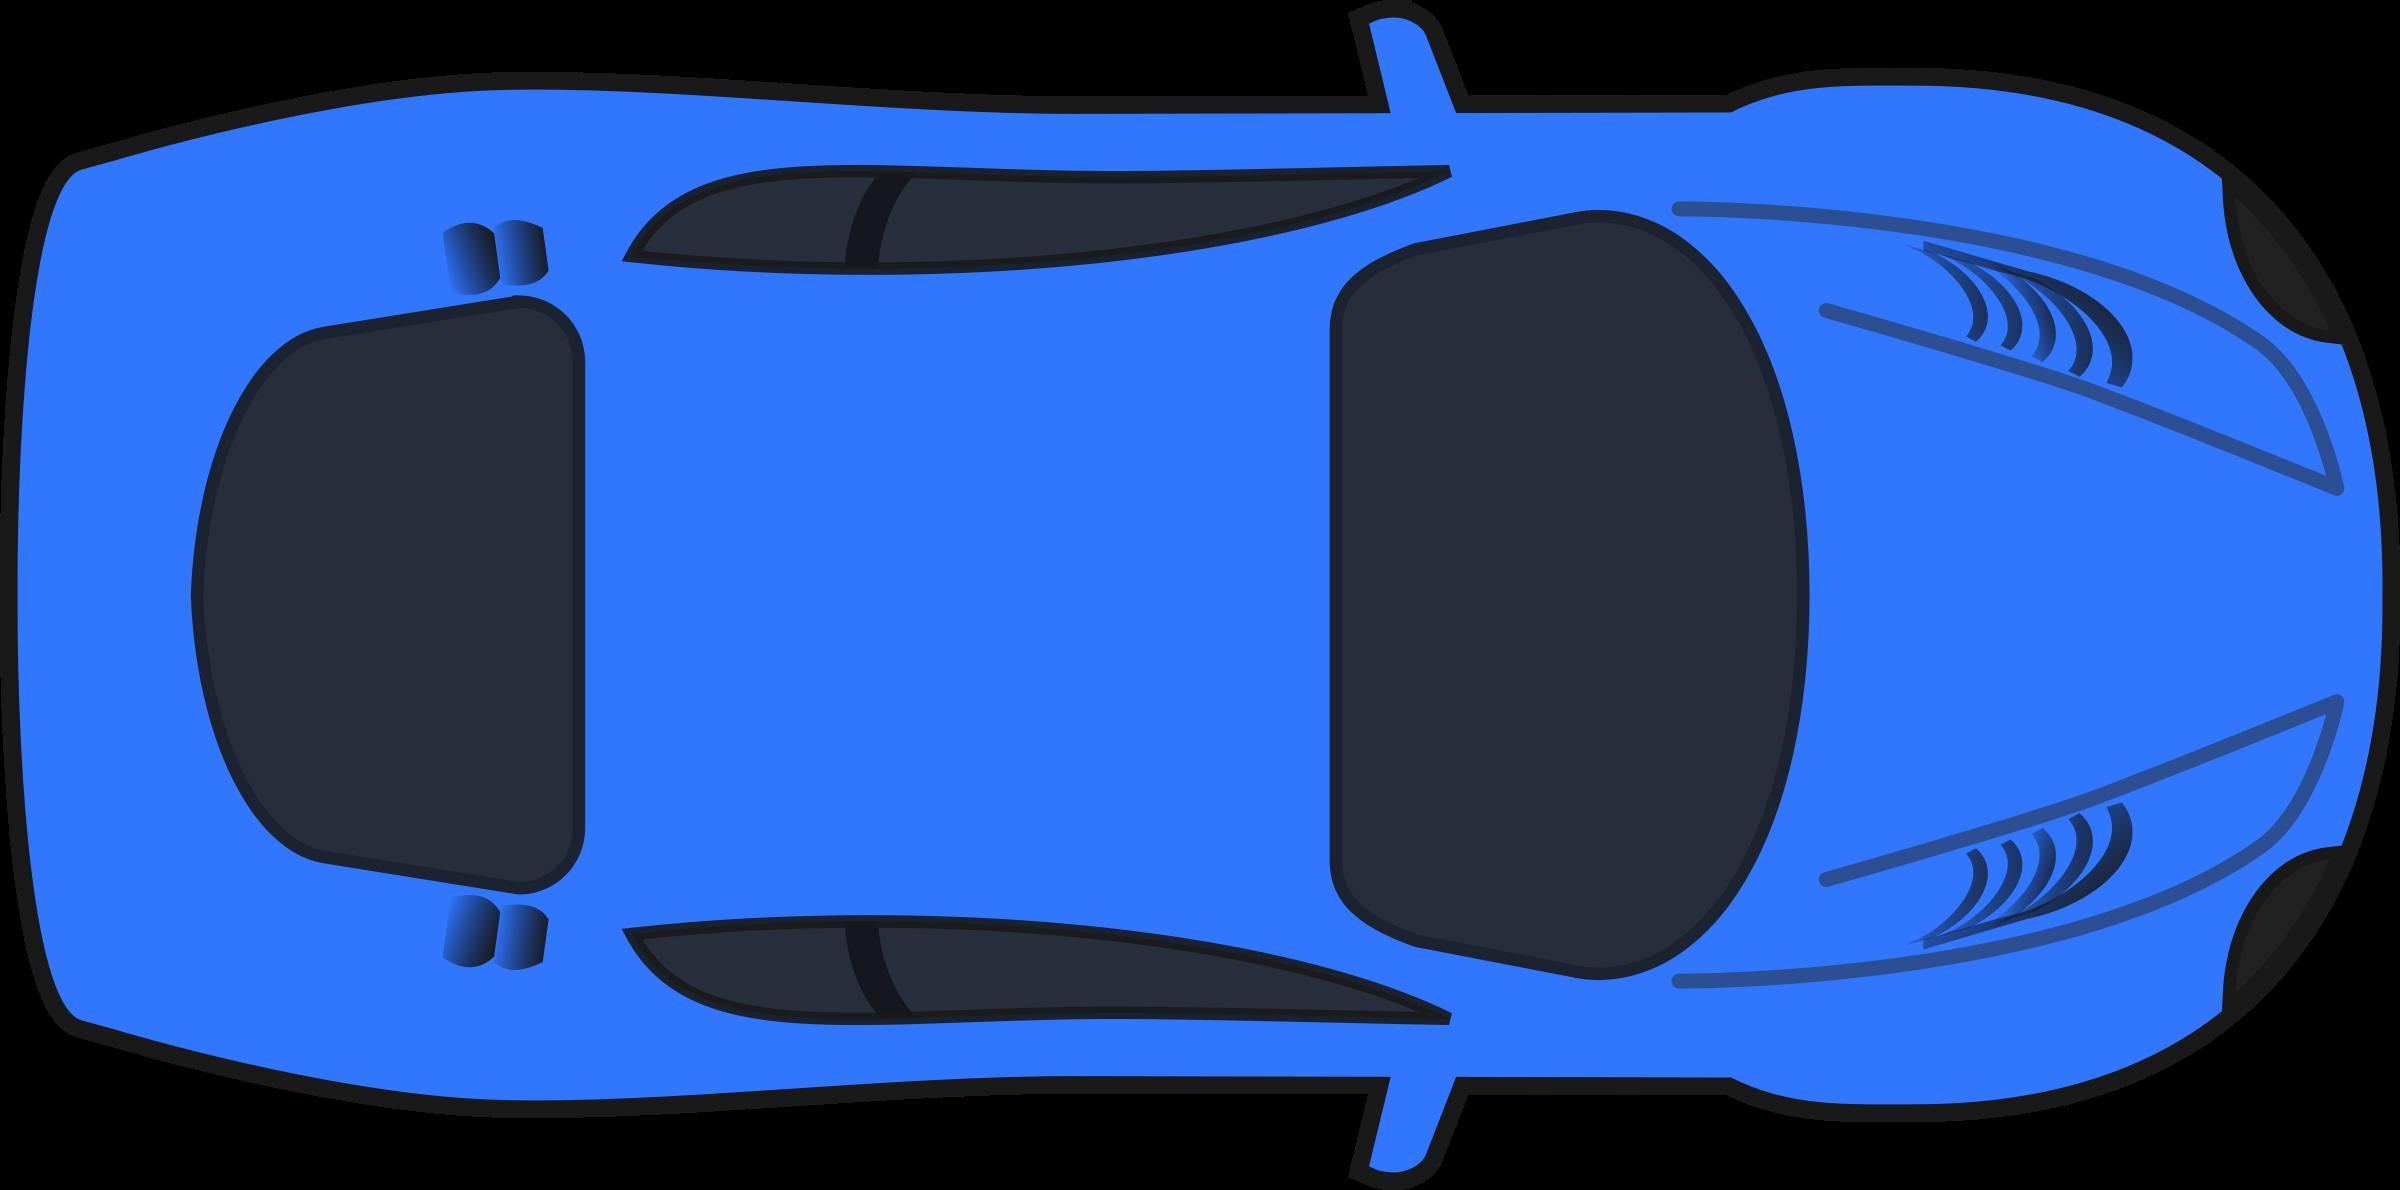 Aerial view car clipart.